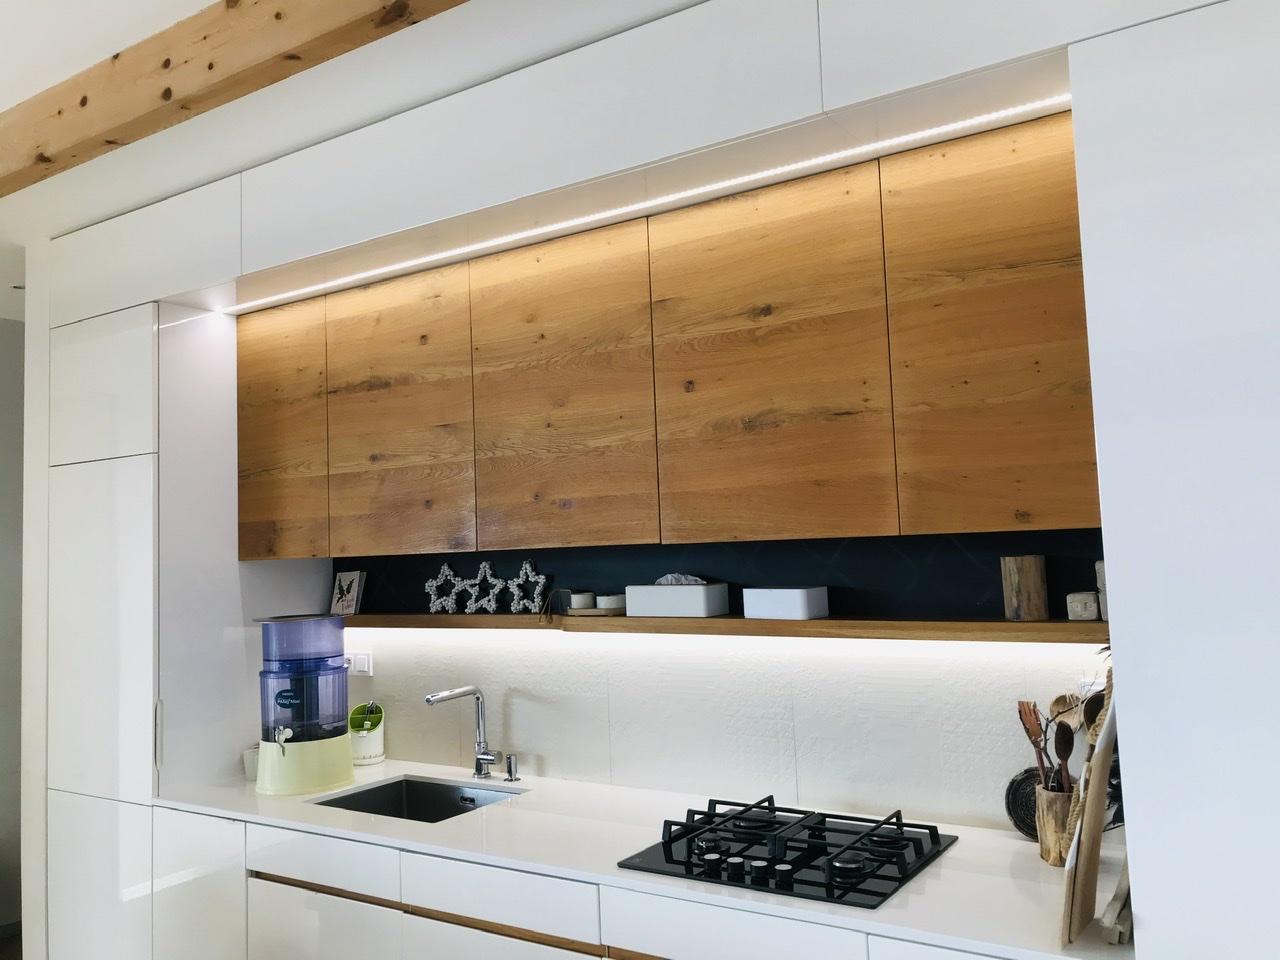 Naše L-ko - 2021 - stále dokončujeme - Slniečko v kuchyni, prajem krásnu nedeľu